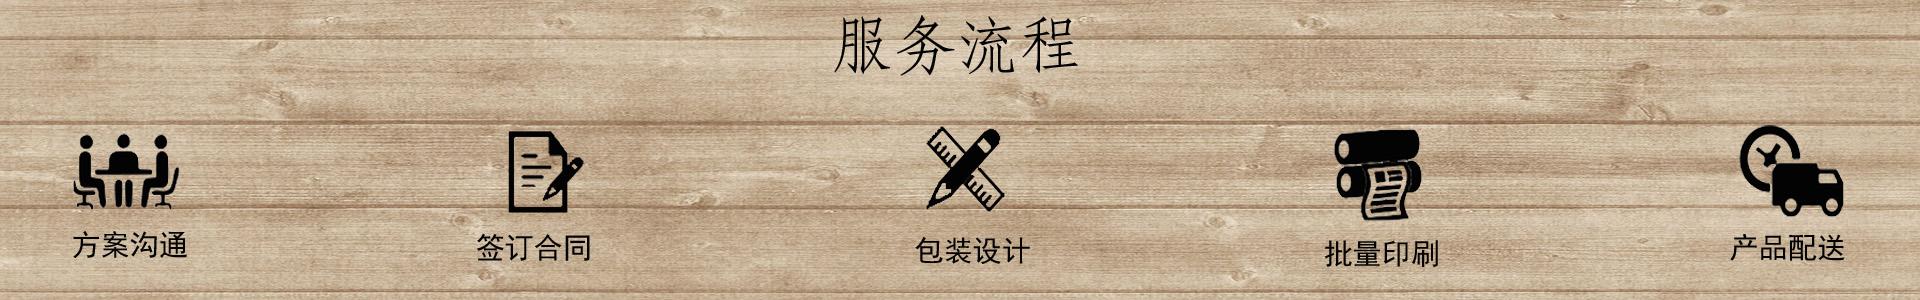 万博官网app下载新万博移动版官方网站万博官网app安卓版下载厂